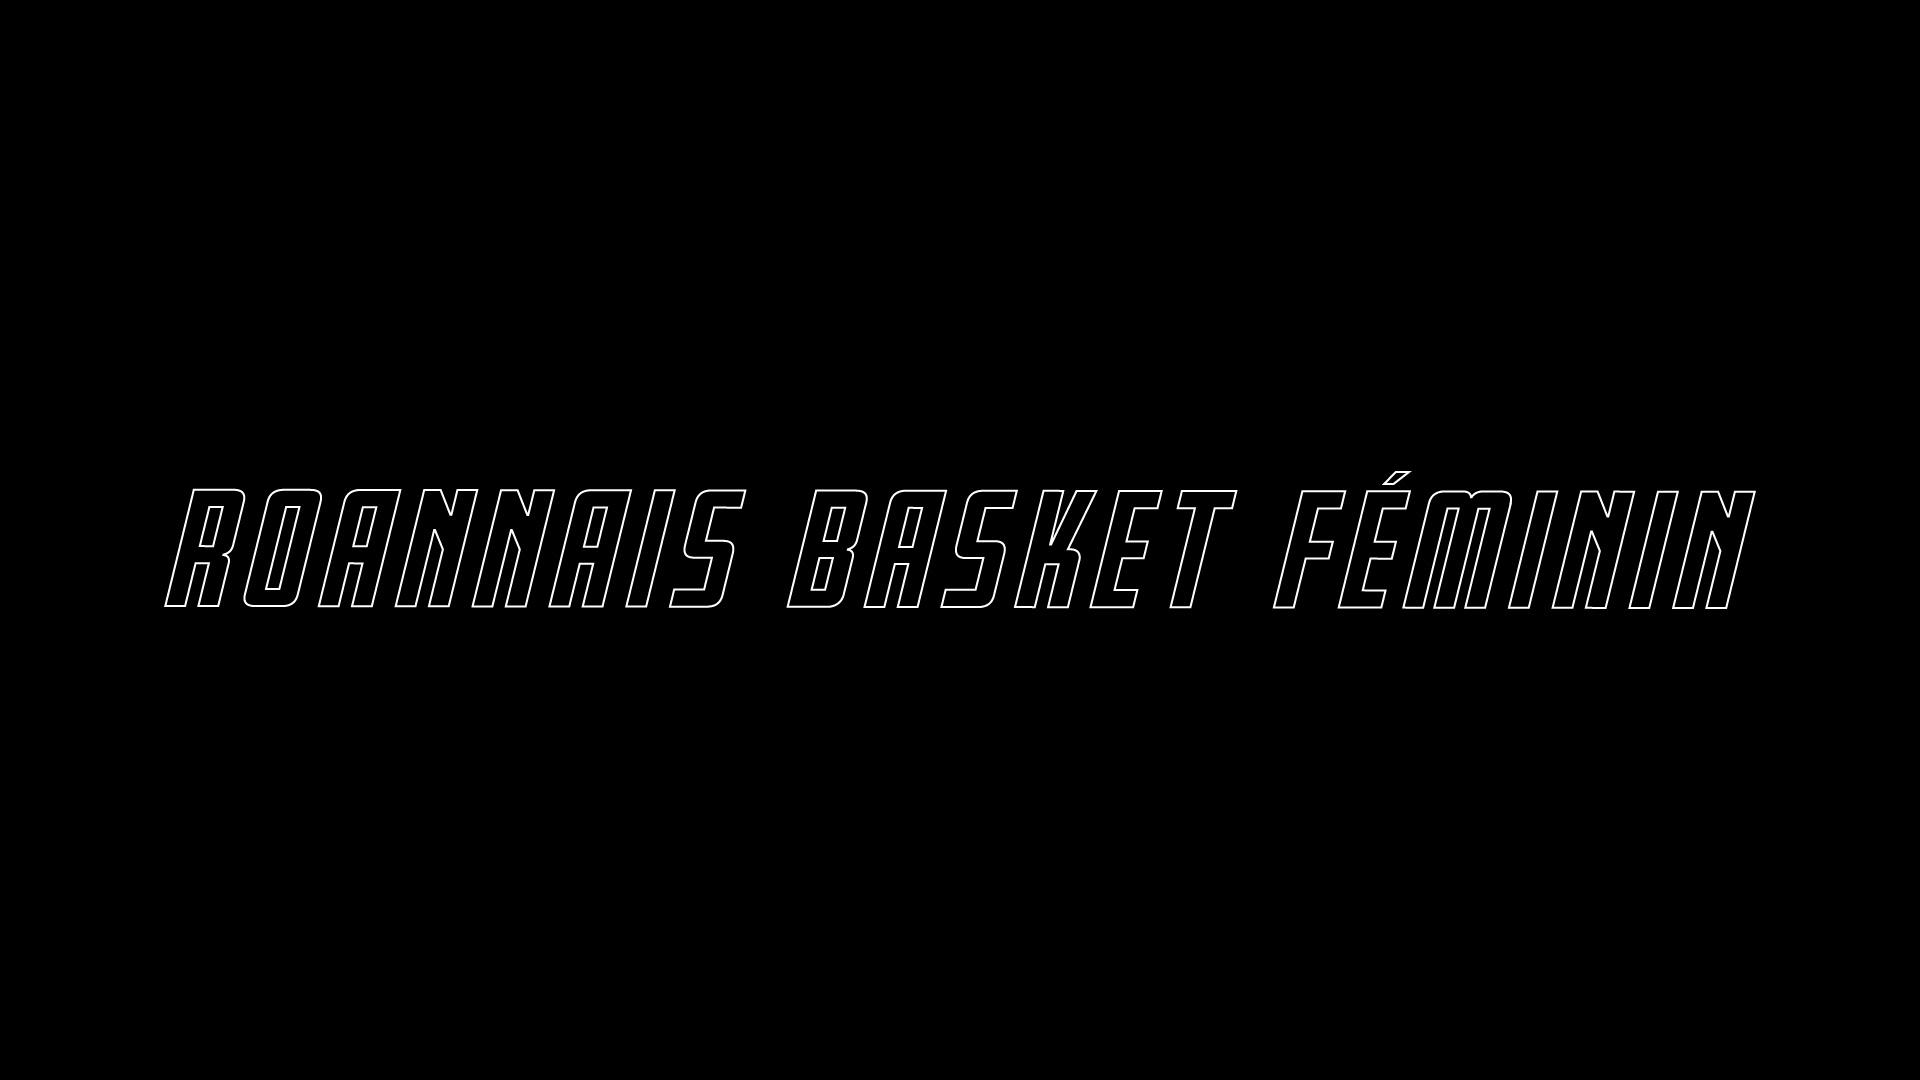 Site Roannais Basket Féminin